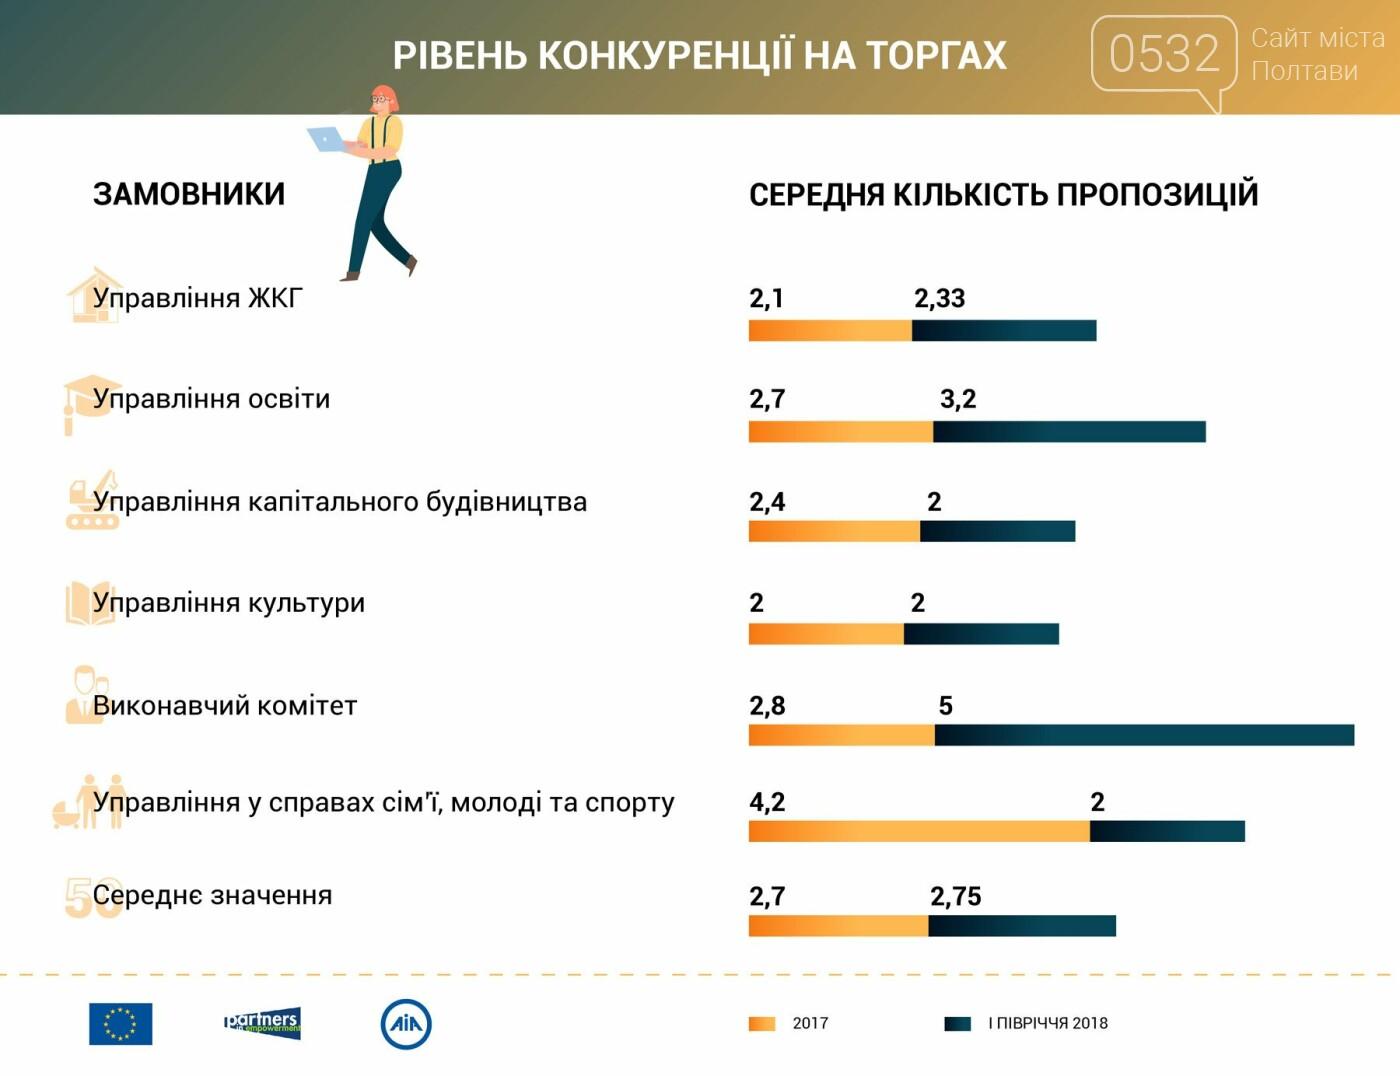 Конкуренція із економією – як відбулися закупівлі управлінь міськради у 2017-2018 роках, фото-1